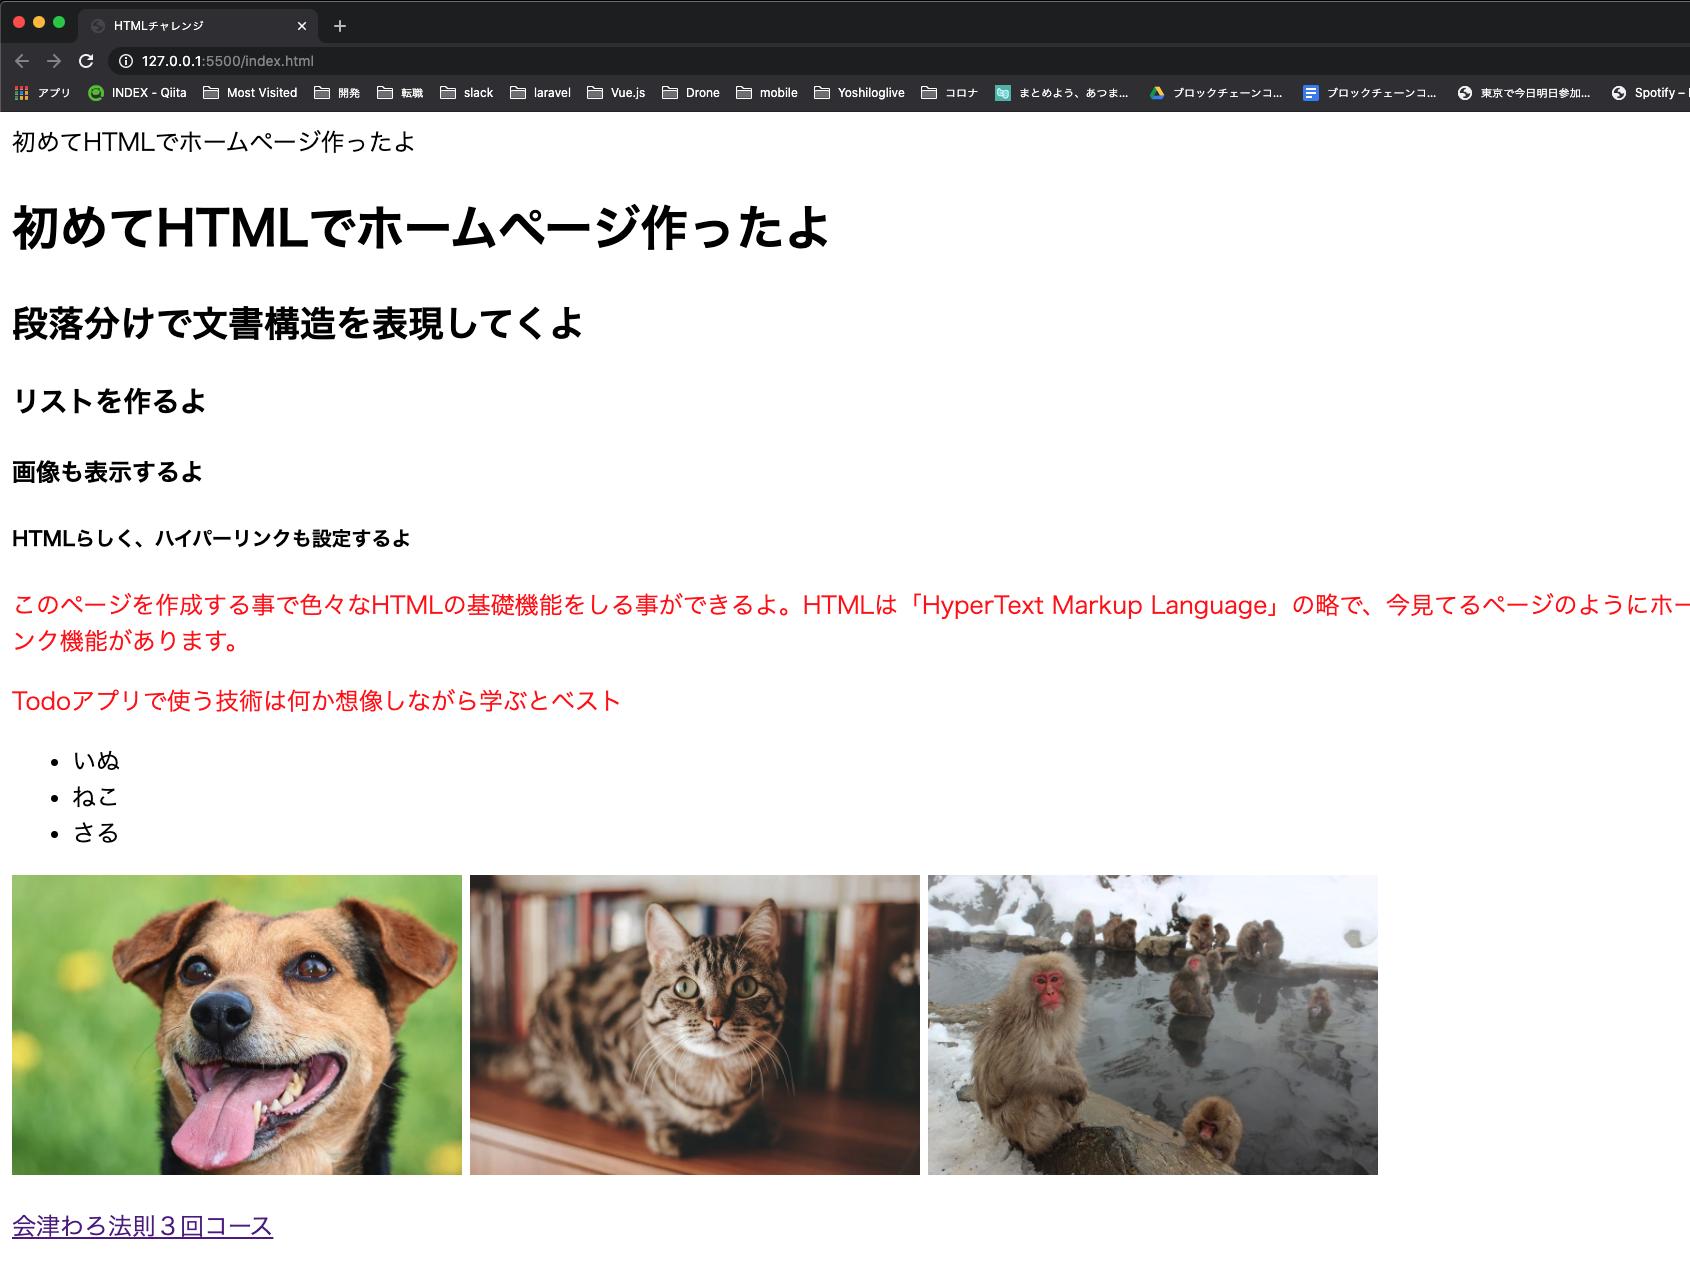 スクリーンショット 2020-08-05 3.53.56.png